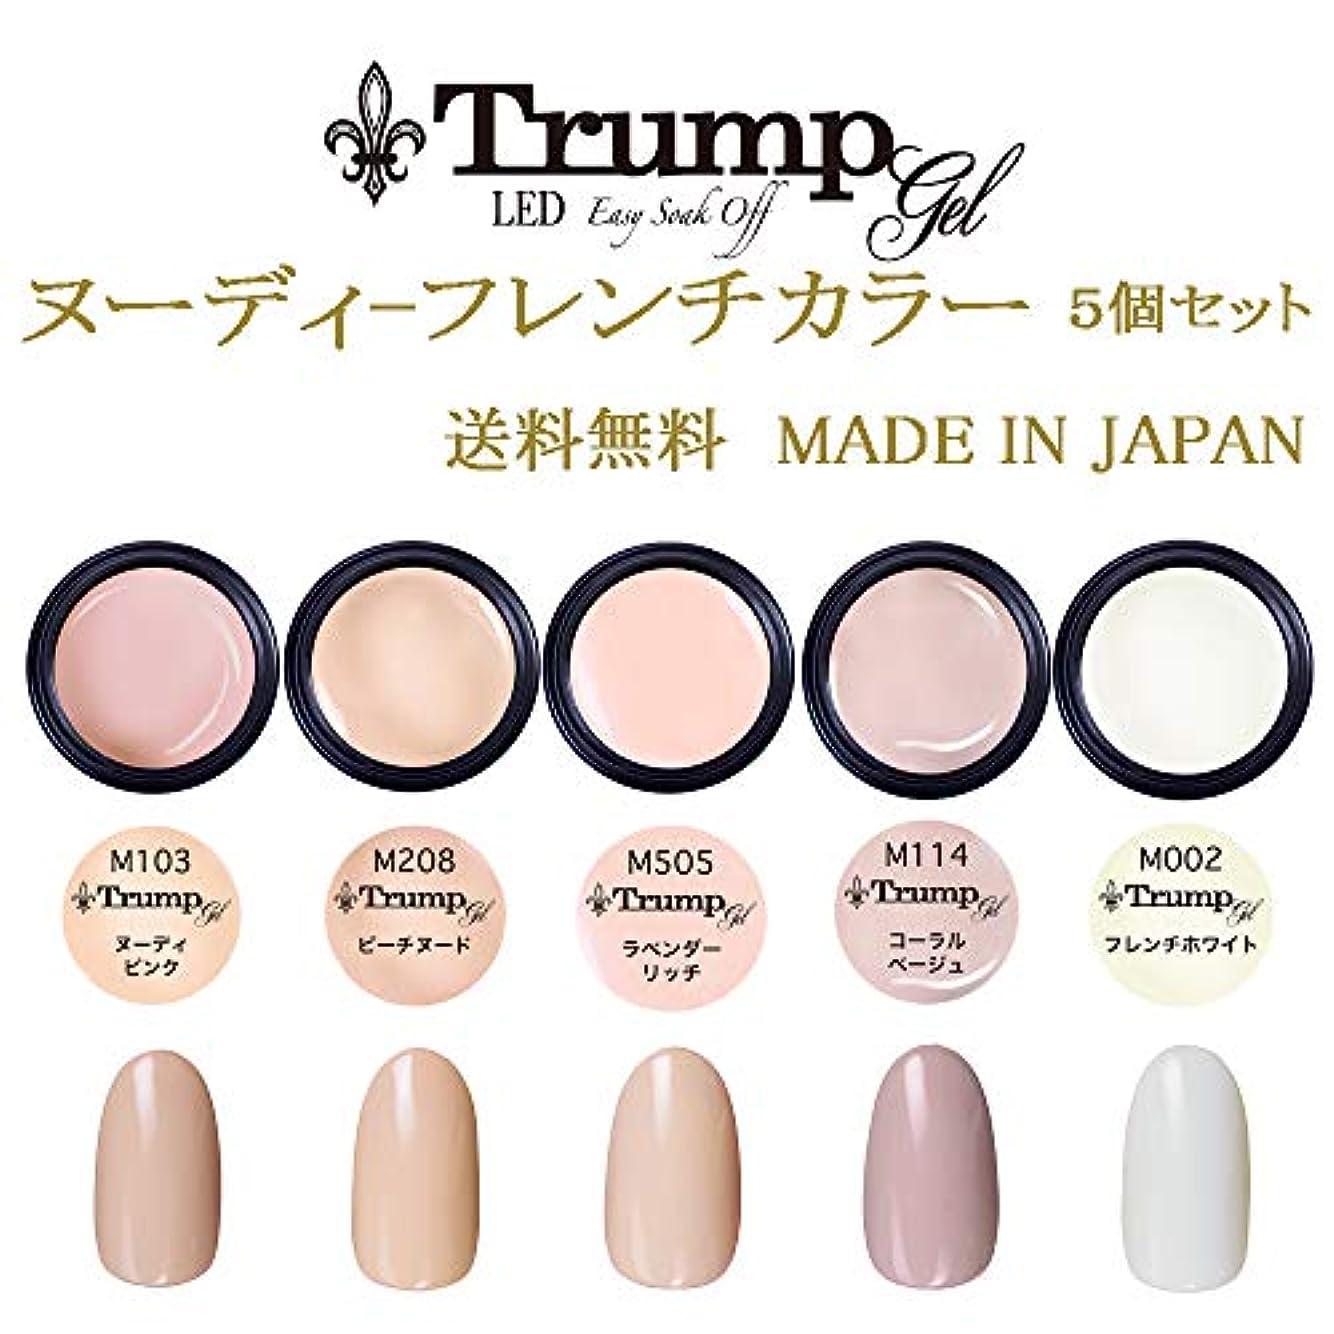 ドキドキ原稿必要としている【送料無料】日本製 Trump gel トランプジェルヌーディフレンチカラージェル 5個セット 肌馴染みの良い ヌーデイフレンチカラージェルセット